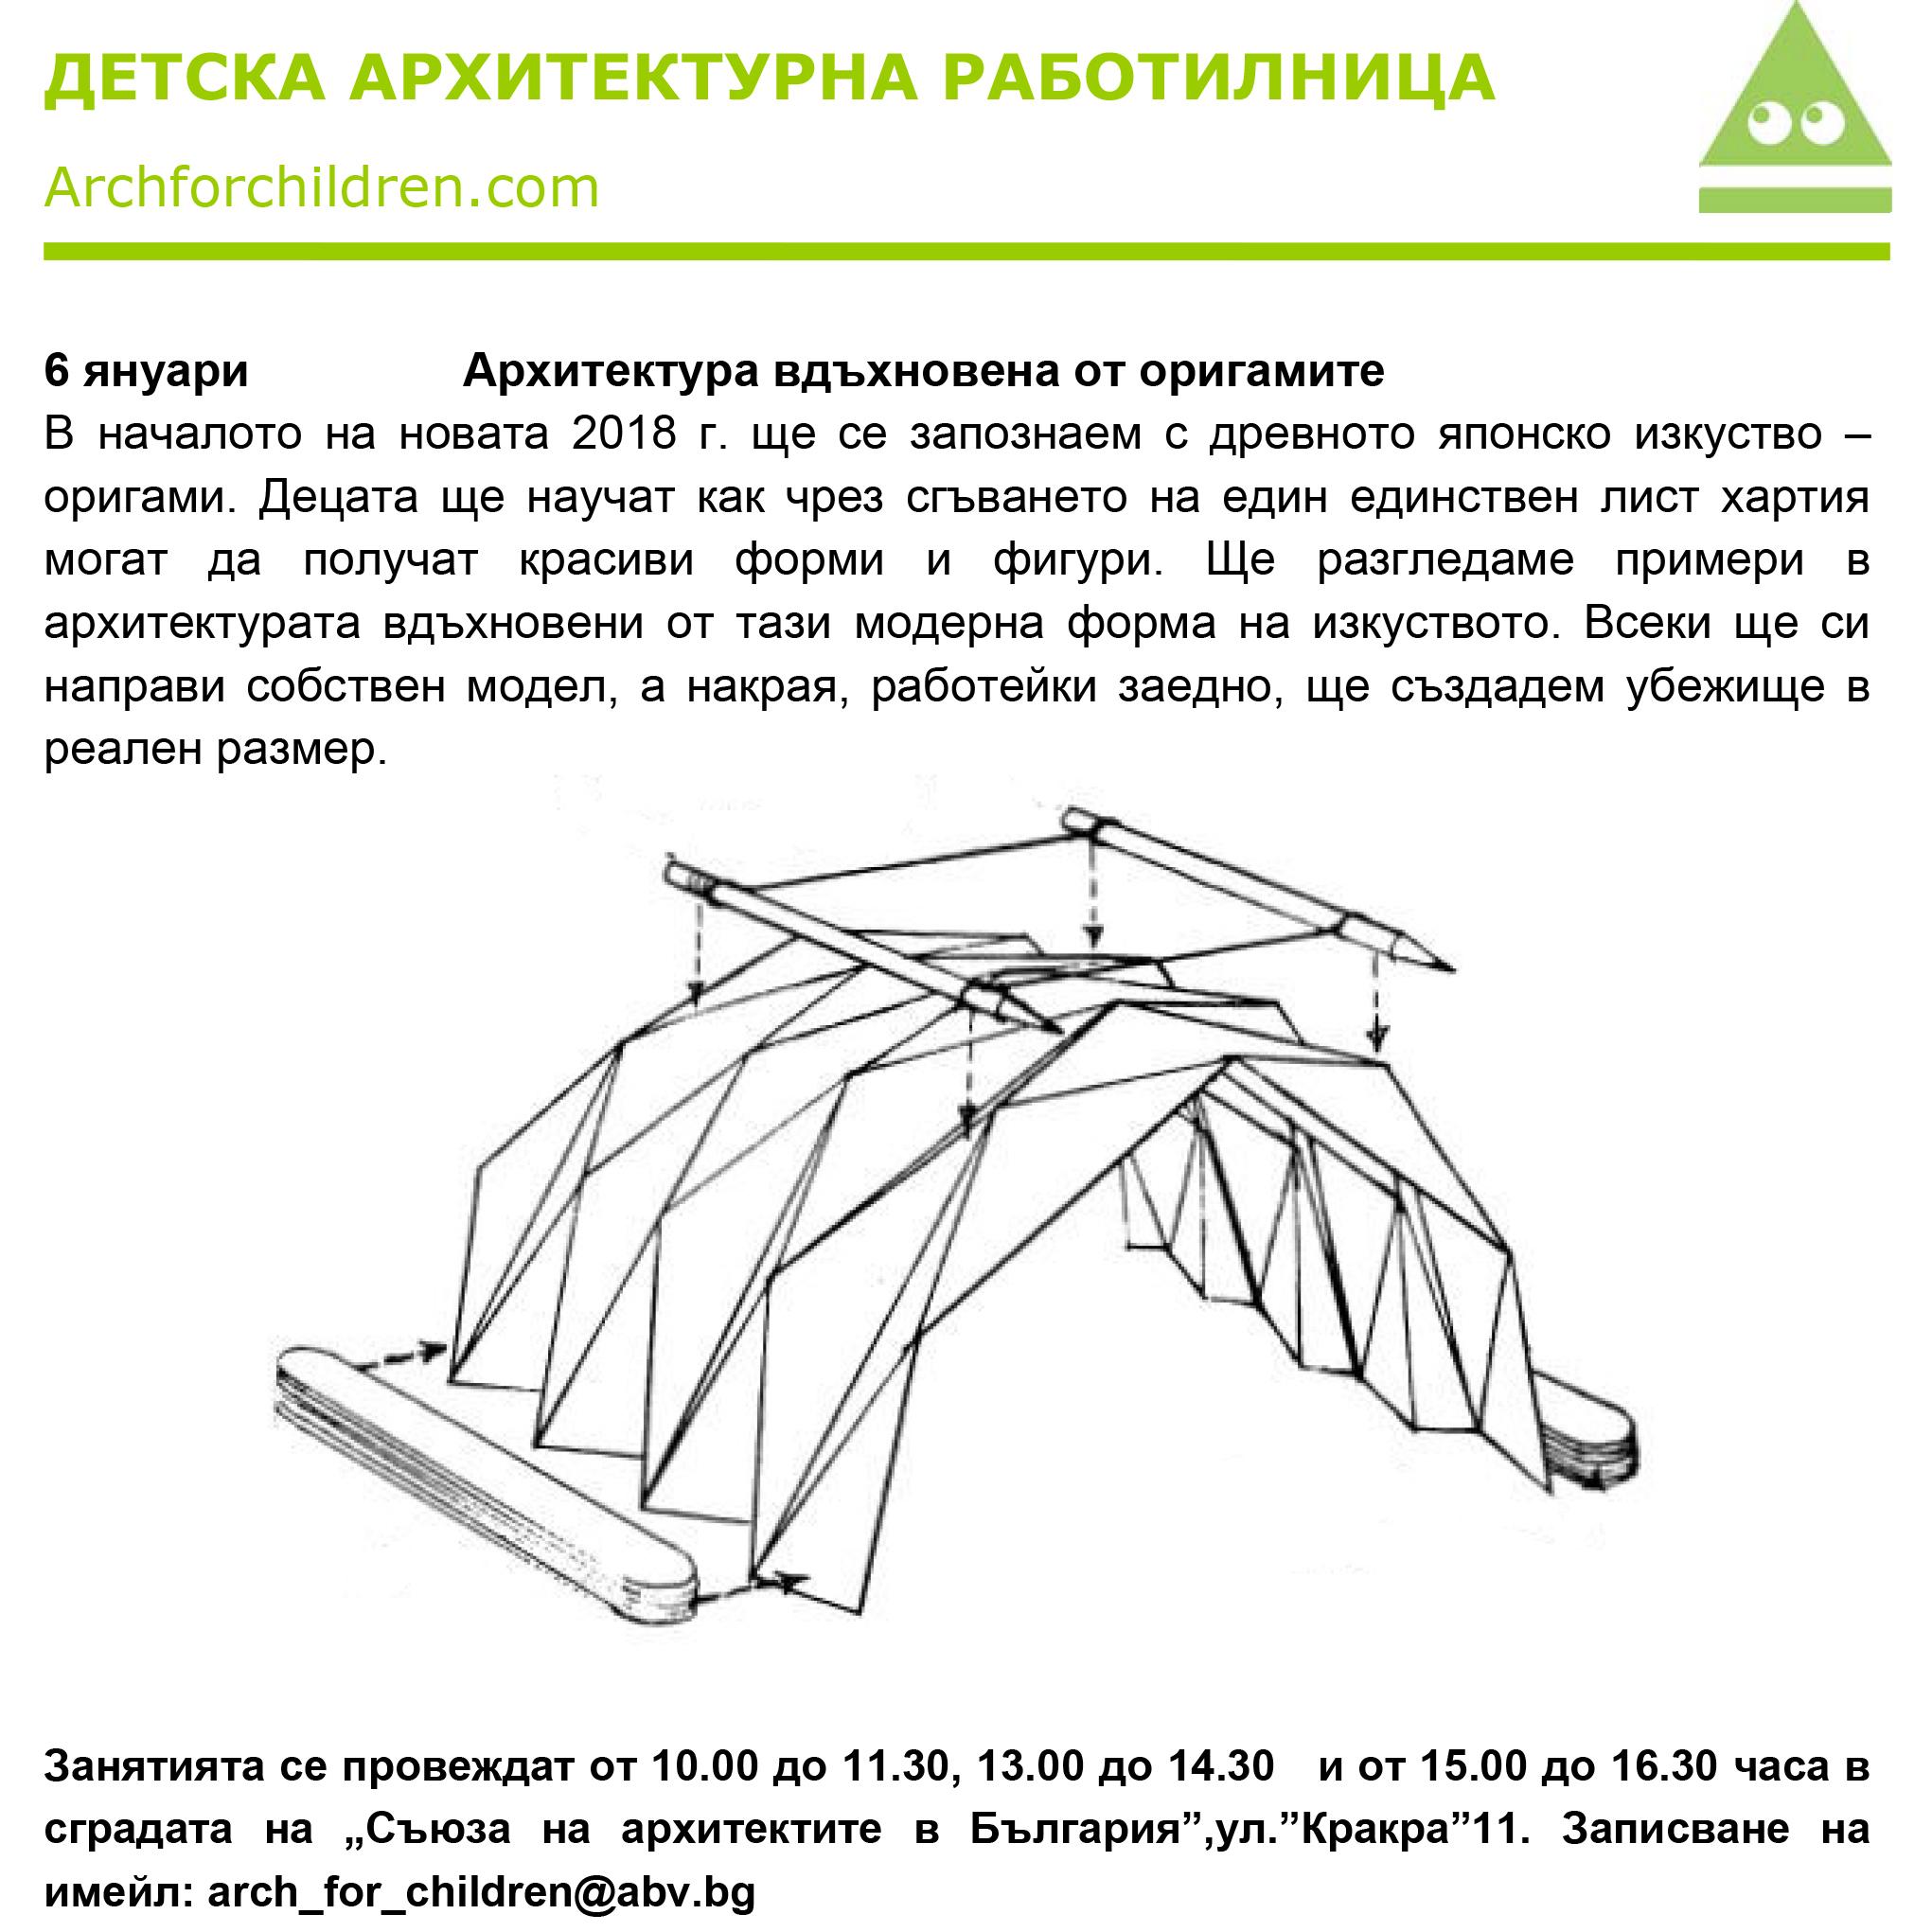 6 декември 2017г - Архитектура вдъхновена от оригамите